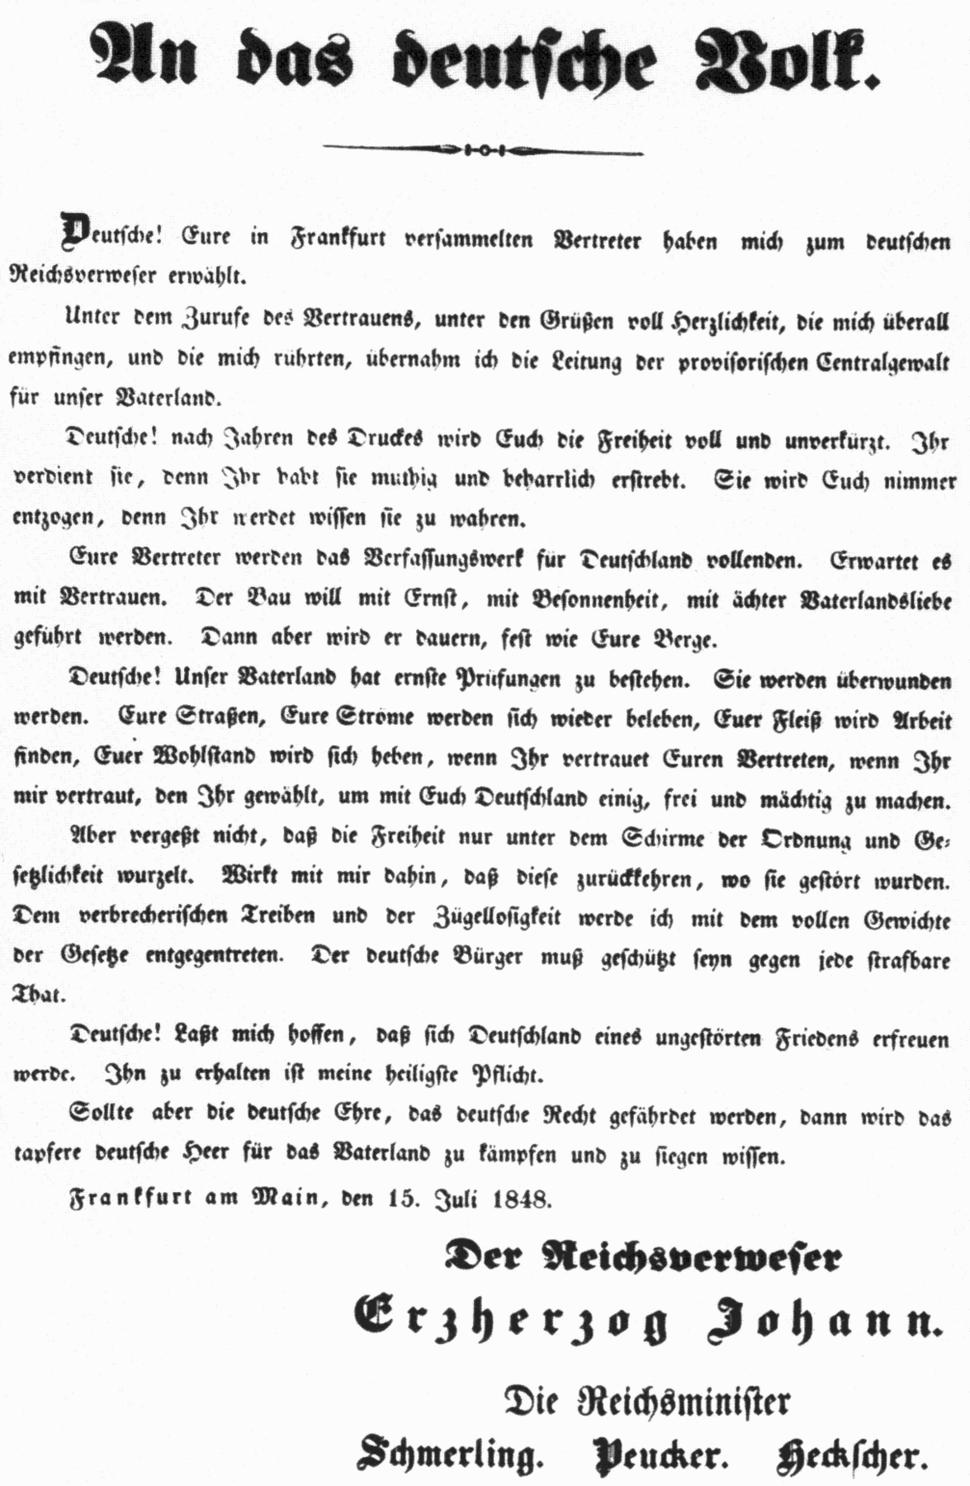 Proklamation-Reichsverweser-1848